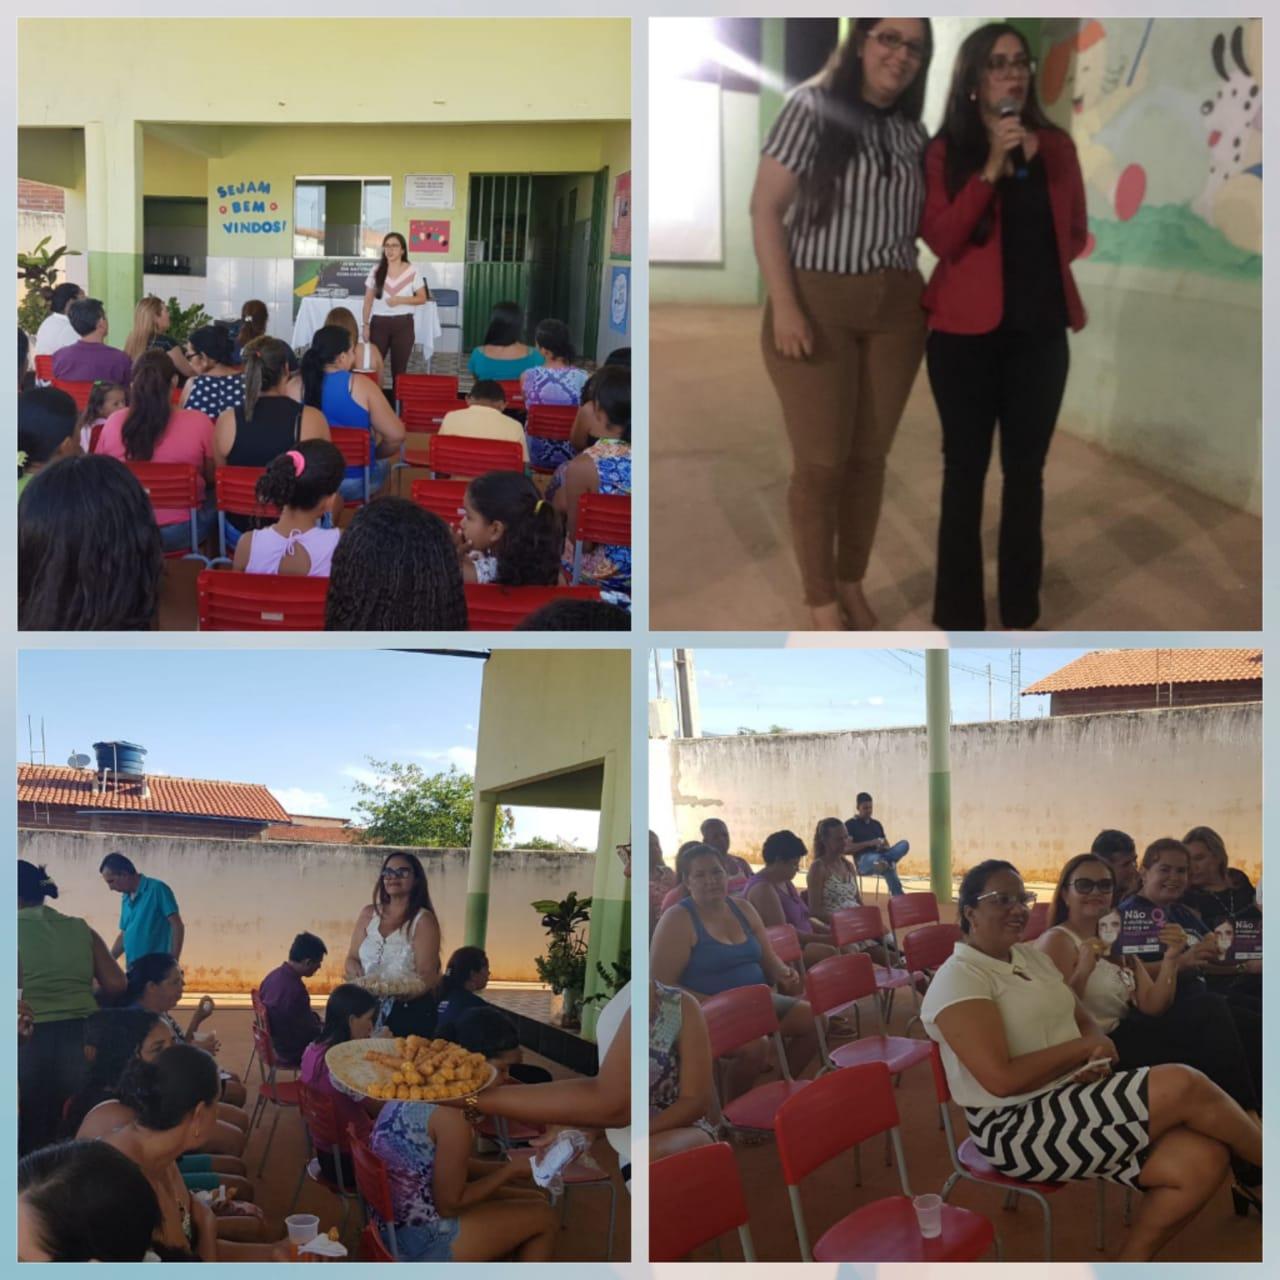 Livramento: CREAS realizou palestras sobre violência doméstica conta mulher em escolas municipais